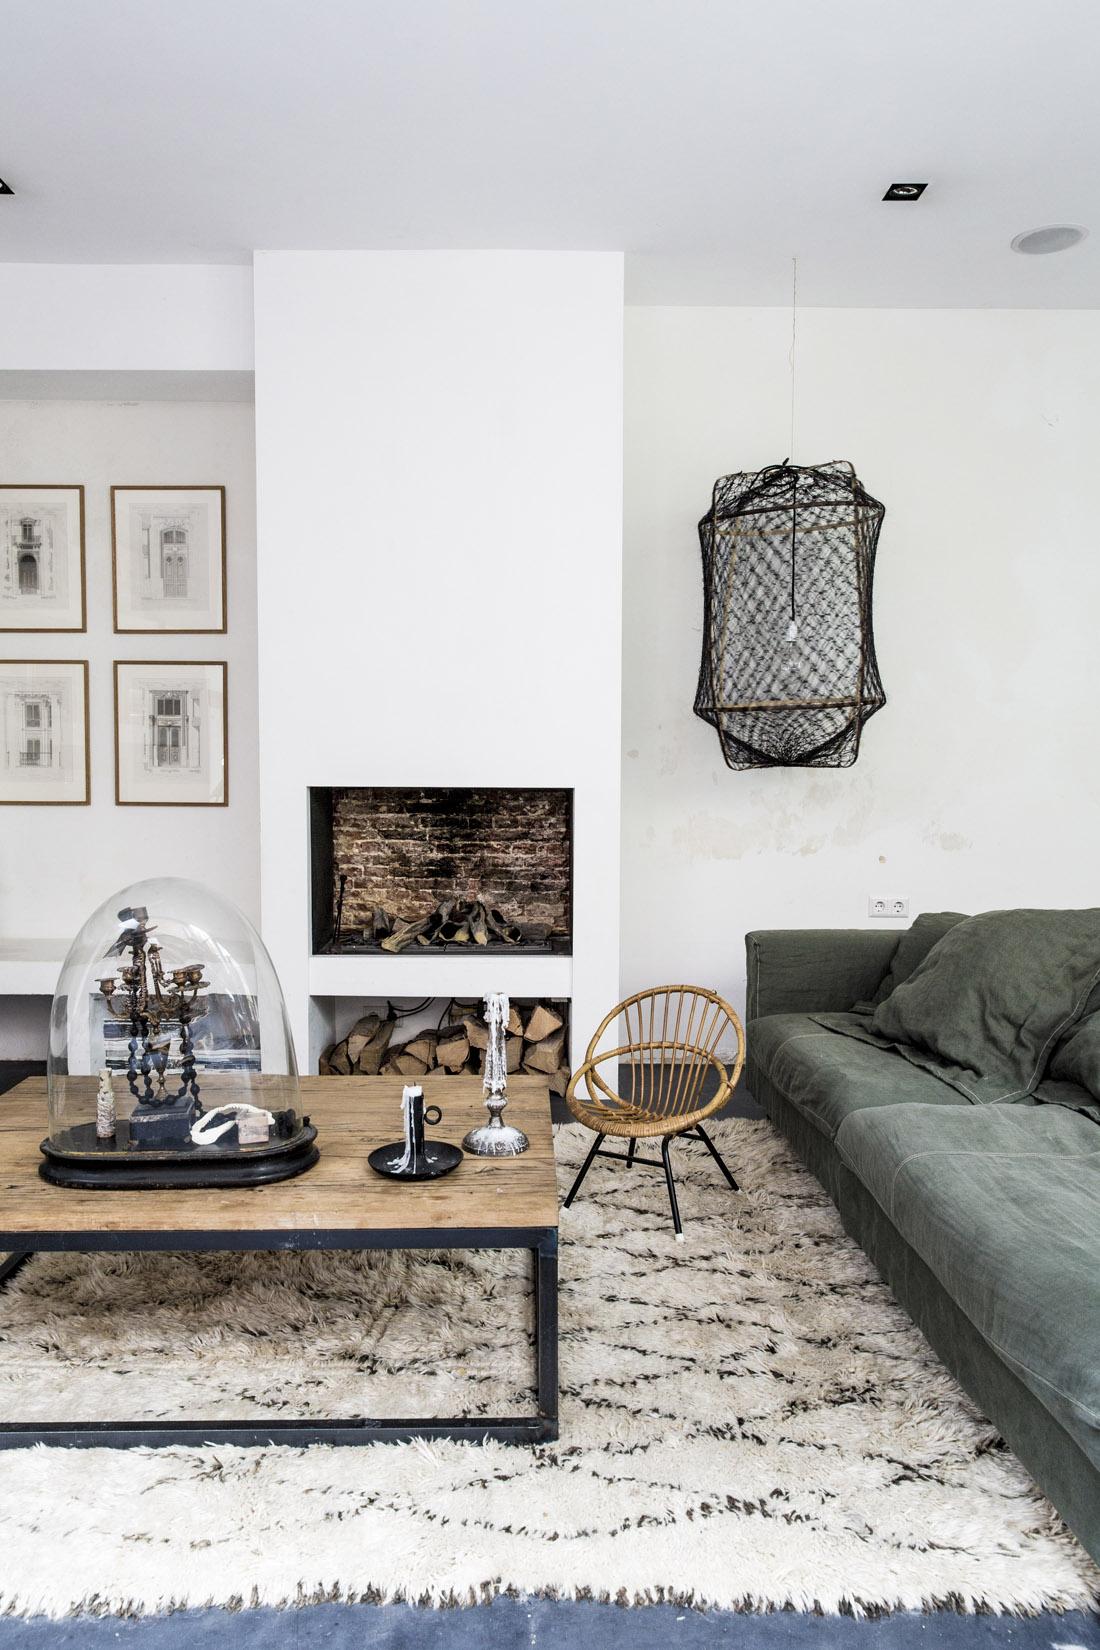 tendance tapis beni ouarain le loft de marius haverkamp family amsterdam - Tapis Beni Ouarain